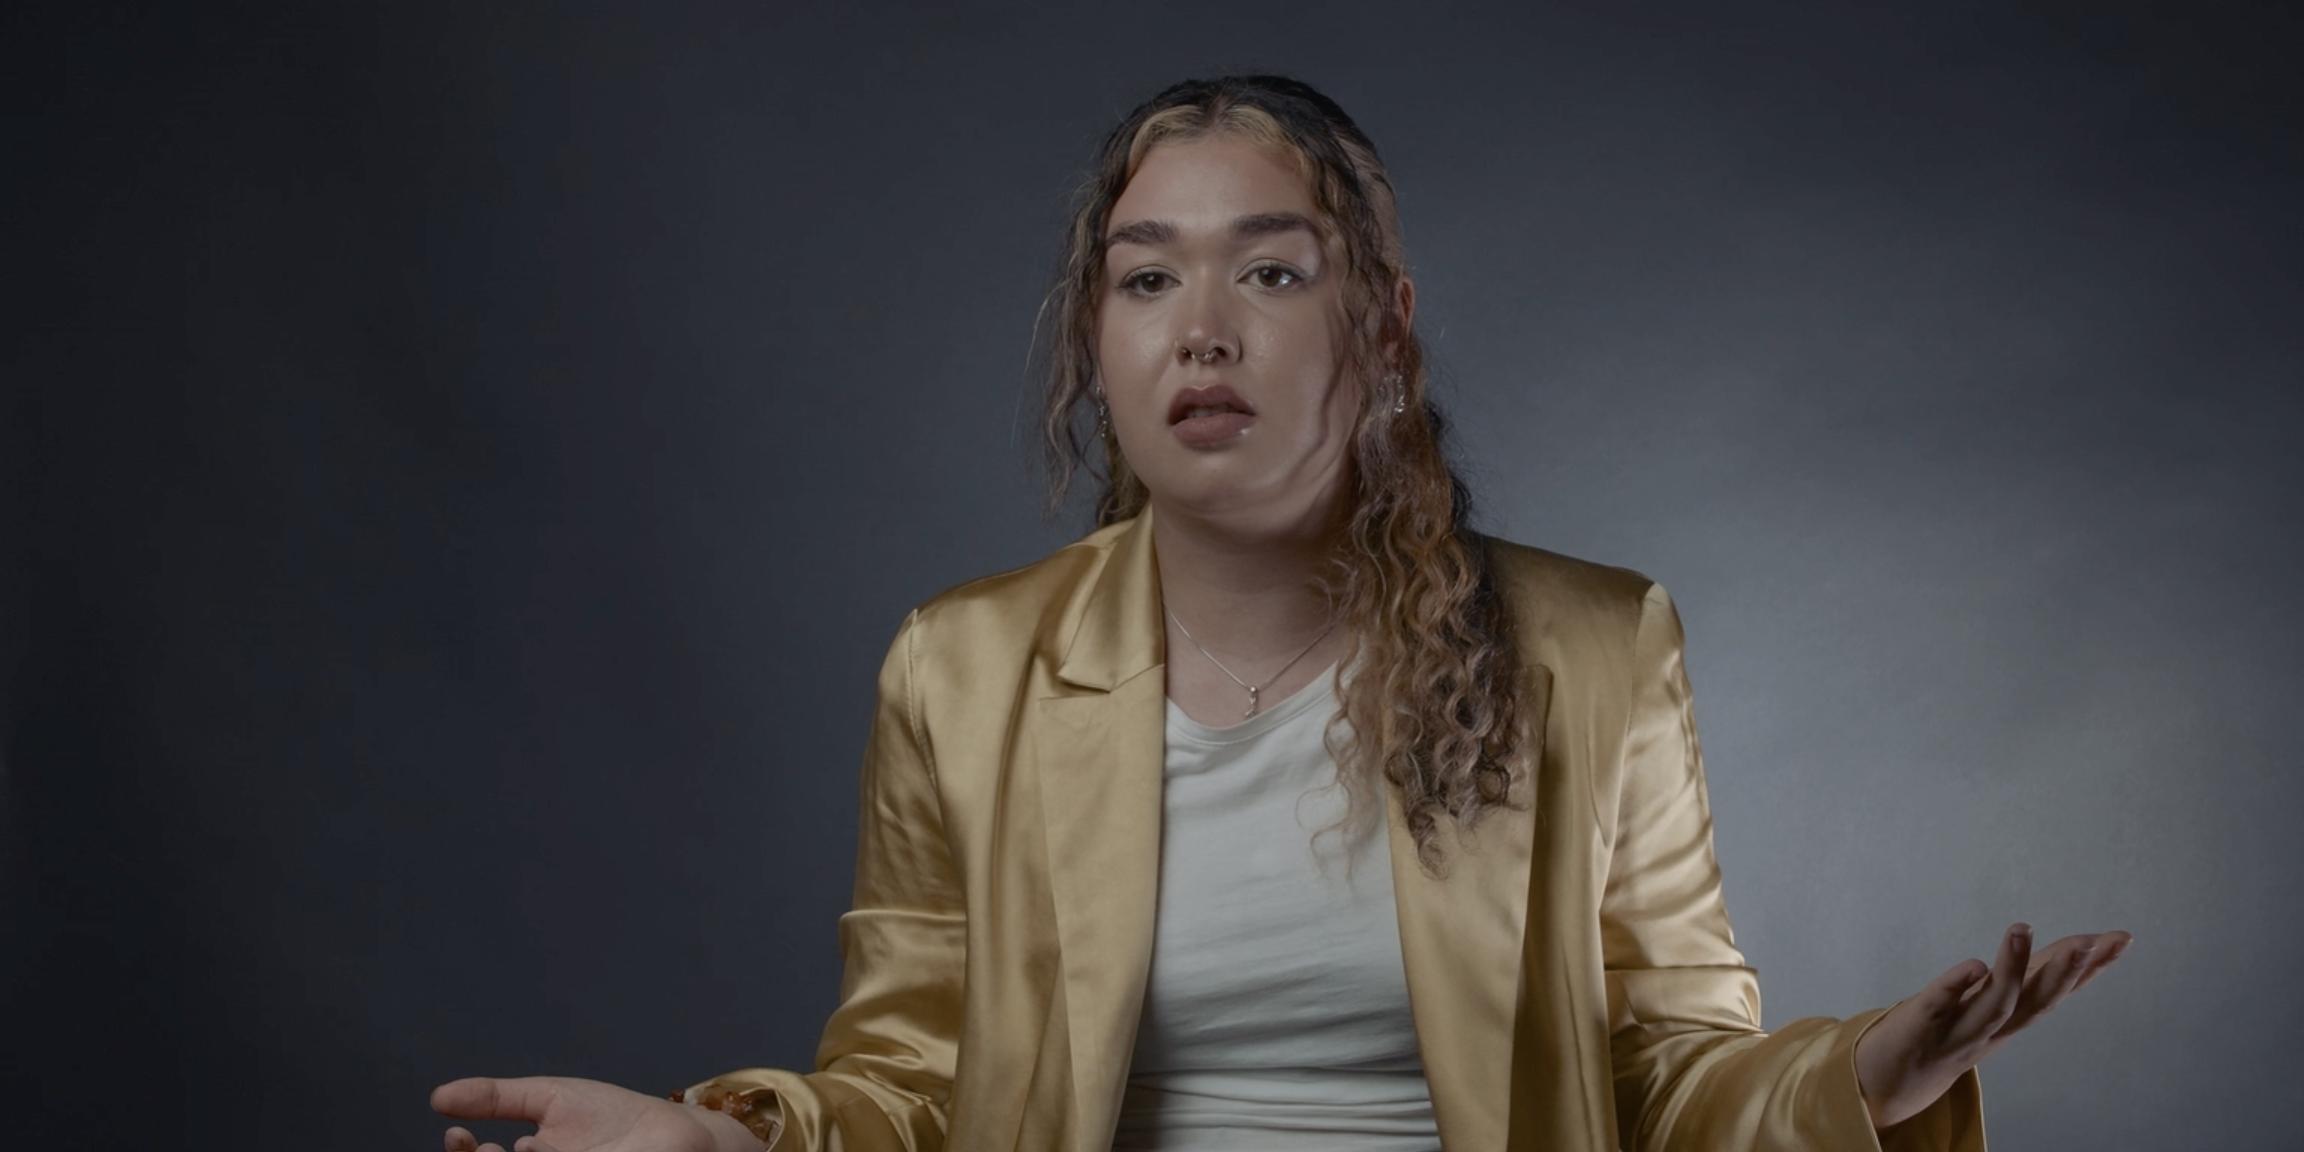 «Nichts legitimiert sexuelle Gewalt»: Drei Frauen erklären, wieso wir weiterhin über die Problematik sprechen müssen